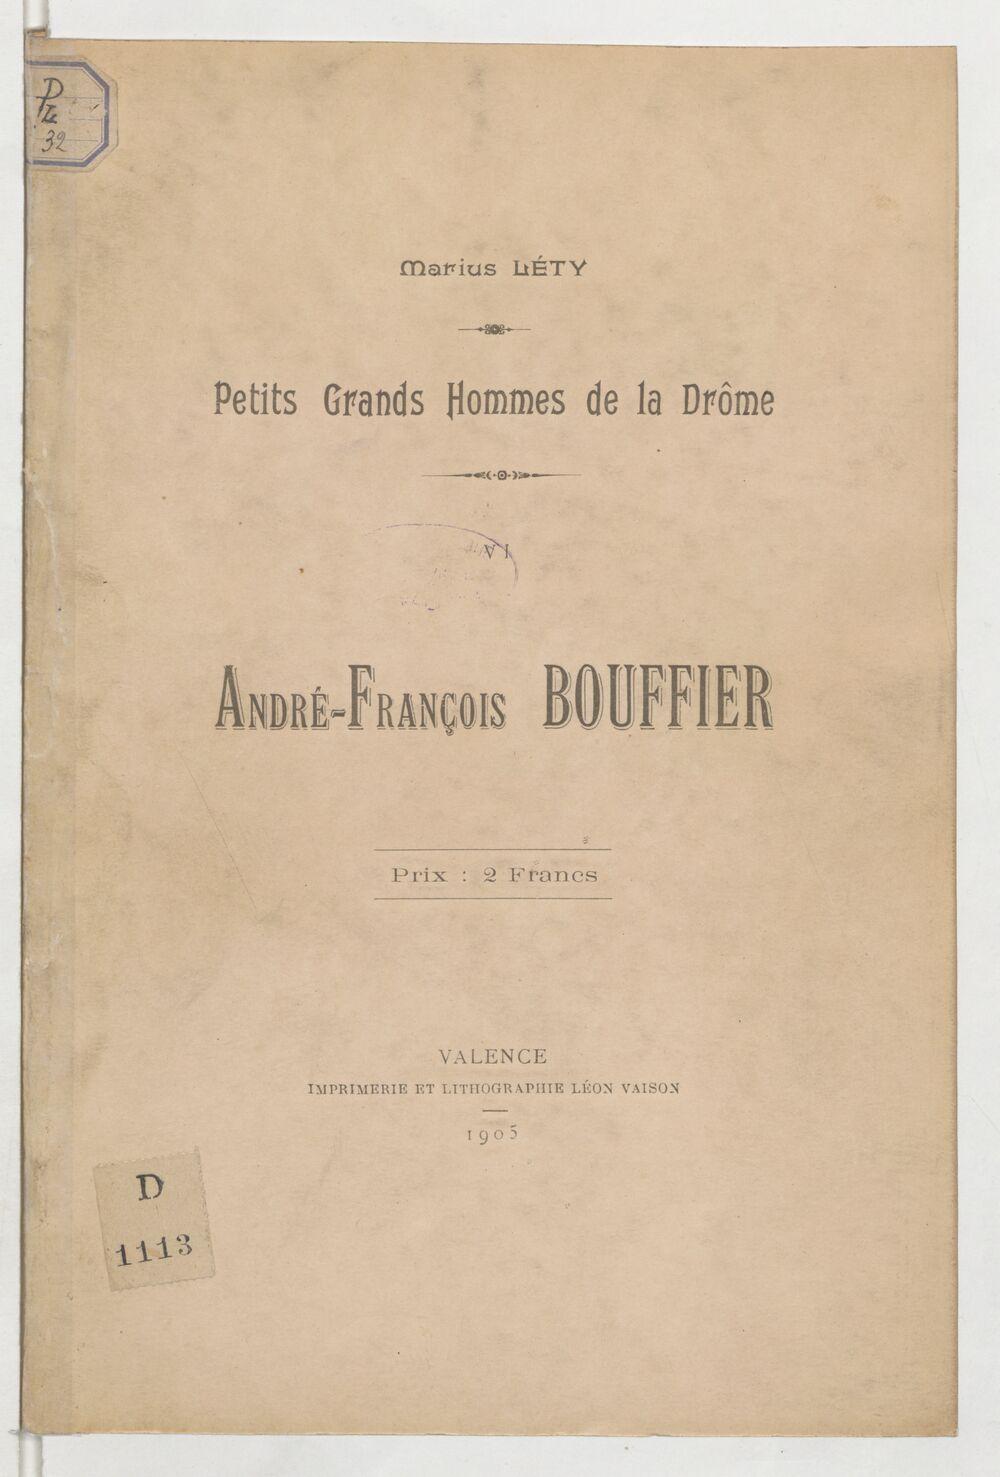 André-François Bouffier / [par] Marius Léty